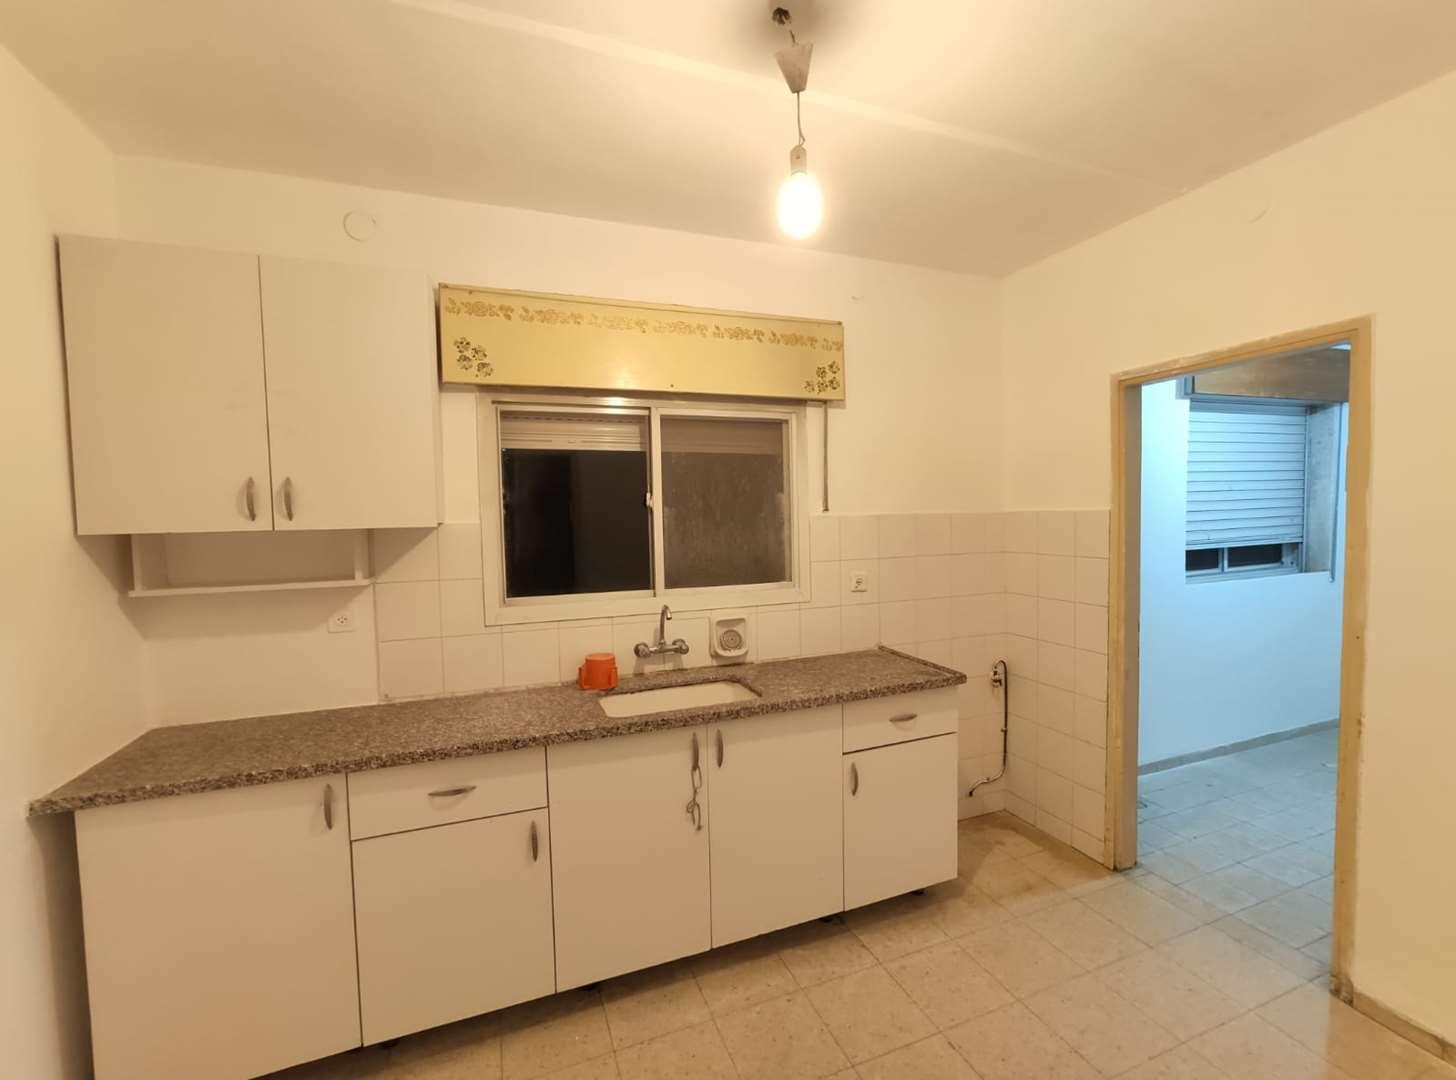 דירה, 4 חדרים, לוטוס, מעלות תרשיחא